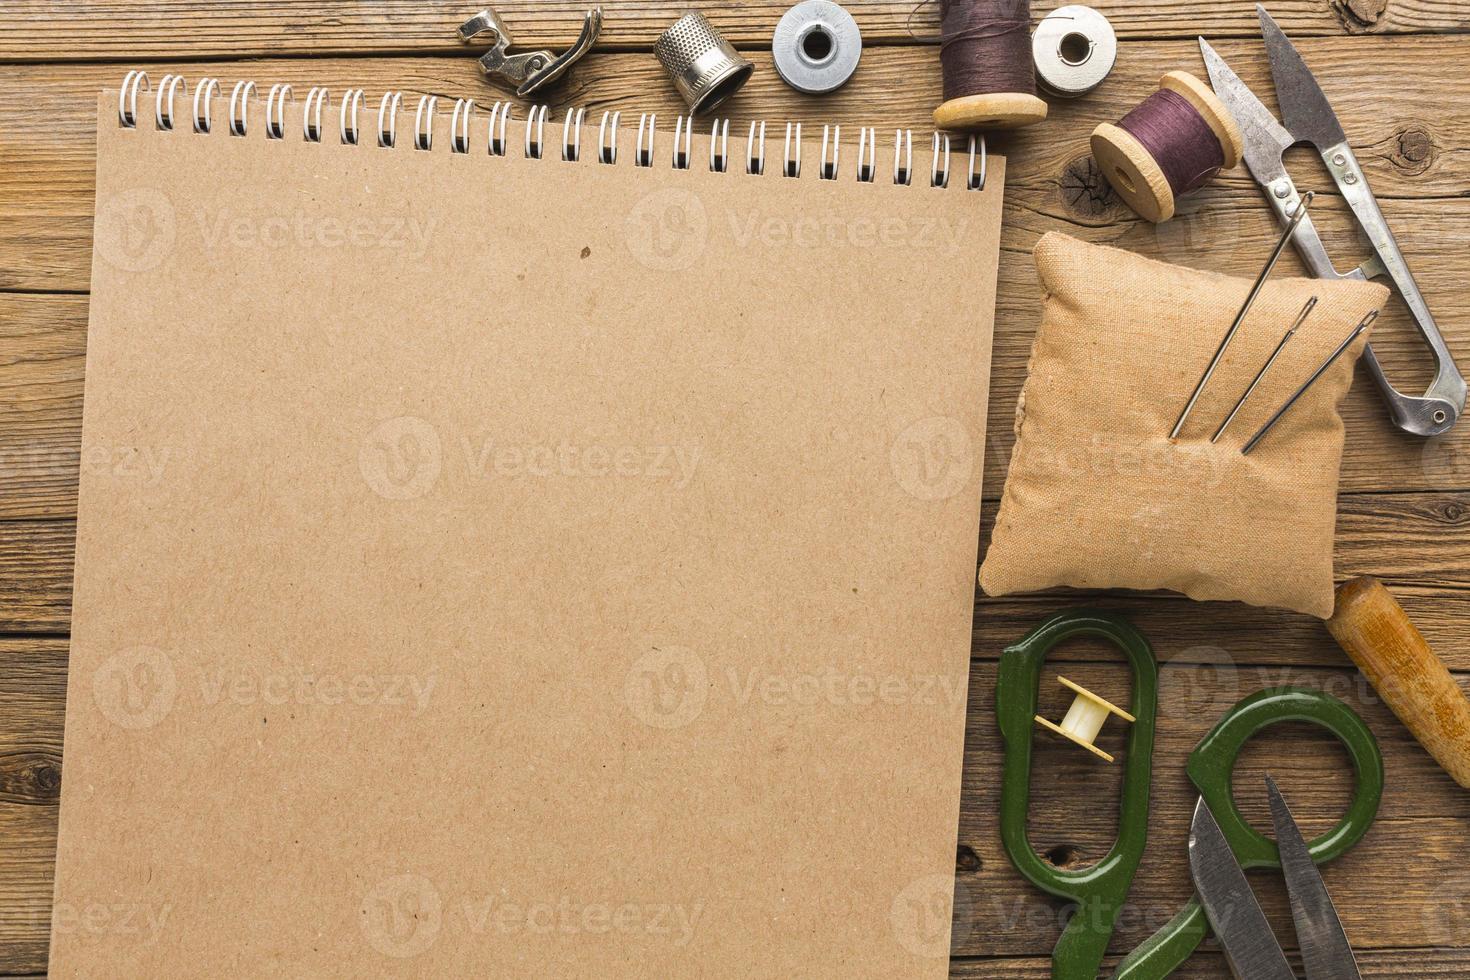 cahier vue de dessus avec fil de ciseaux photo